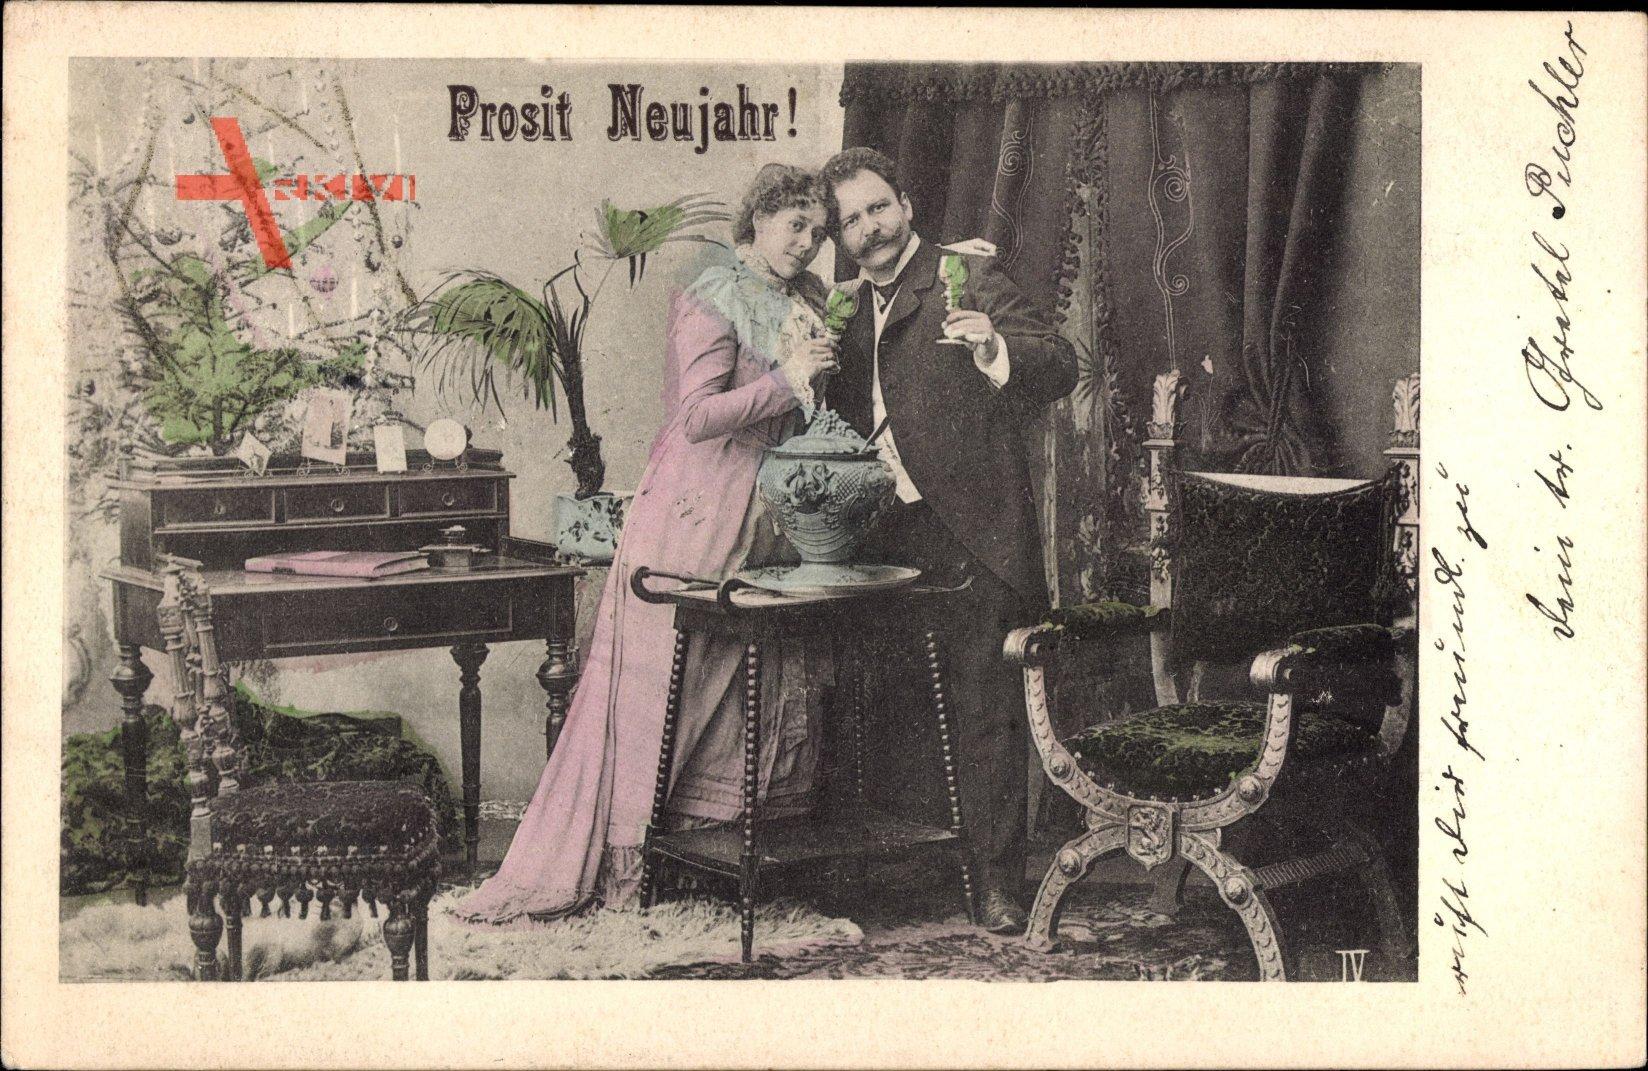 Glückwunsch Neujahr, Prosit, Mann und Frau mit Gläsern